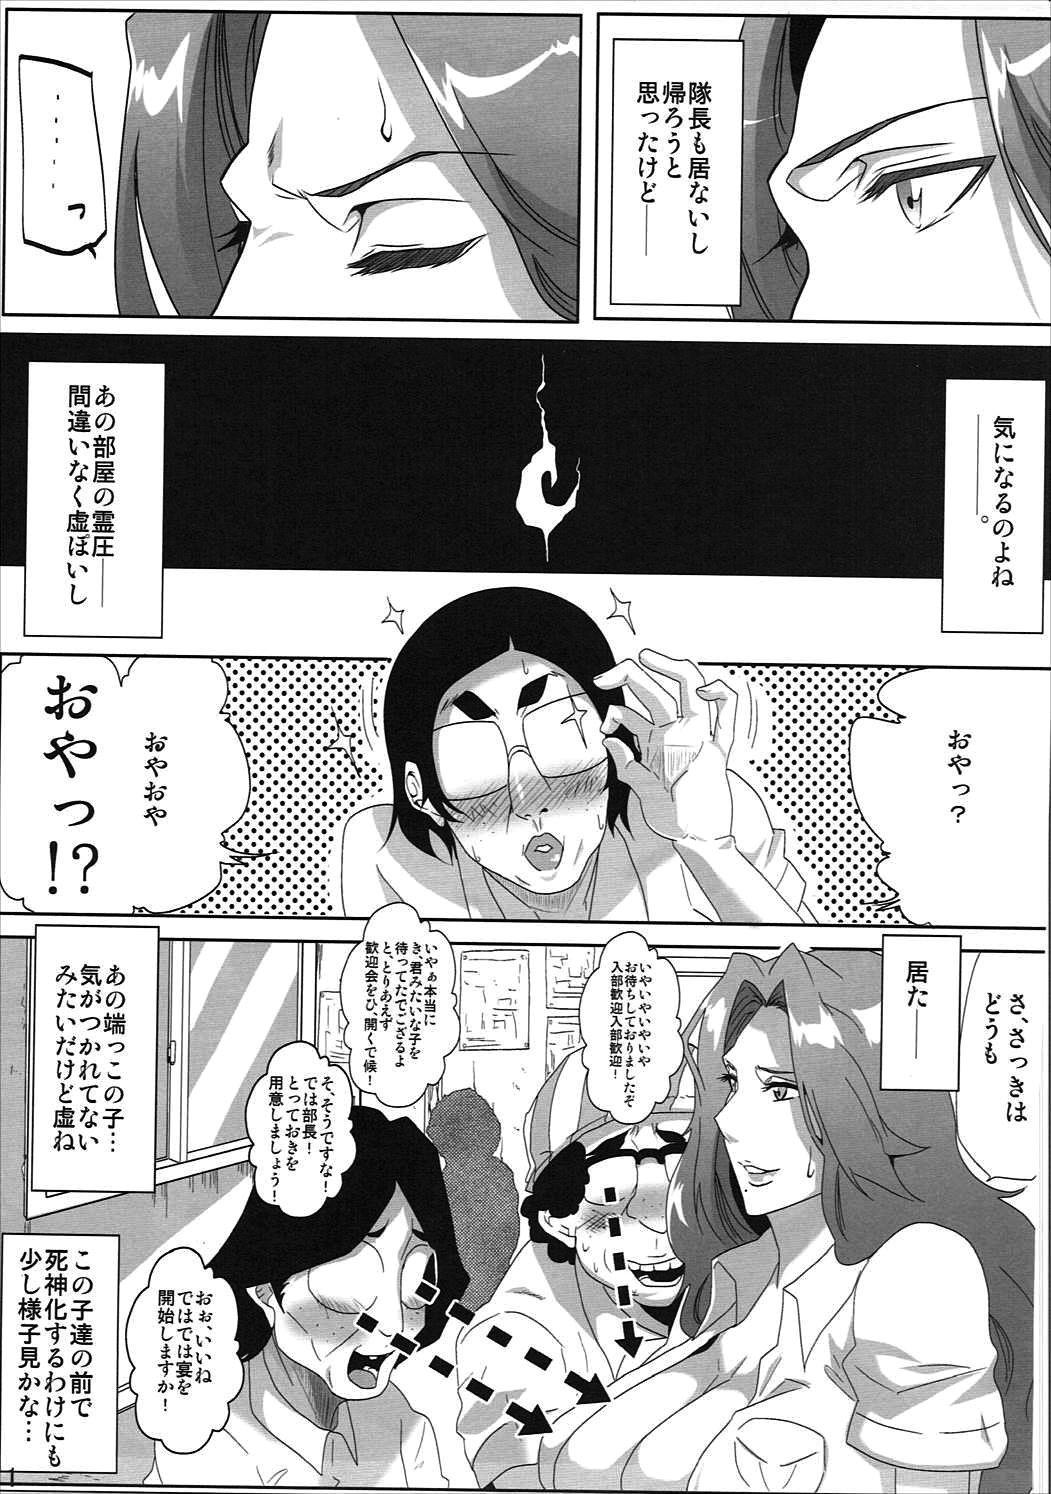 OtaCir to Rangiku-san 9